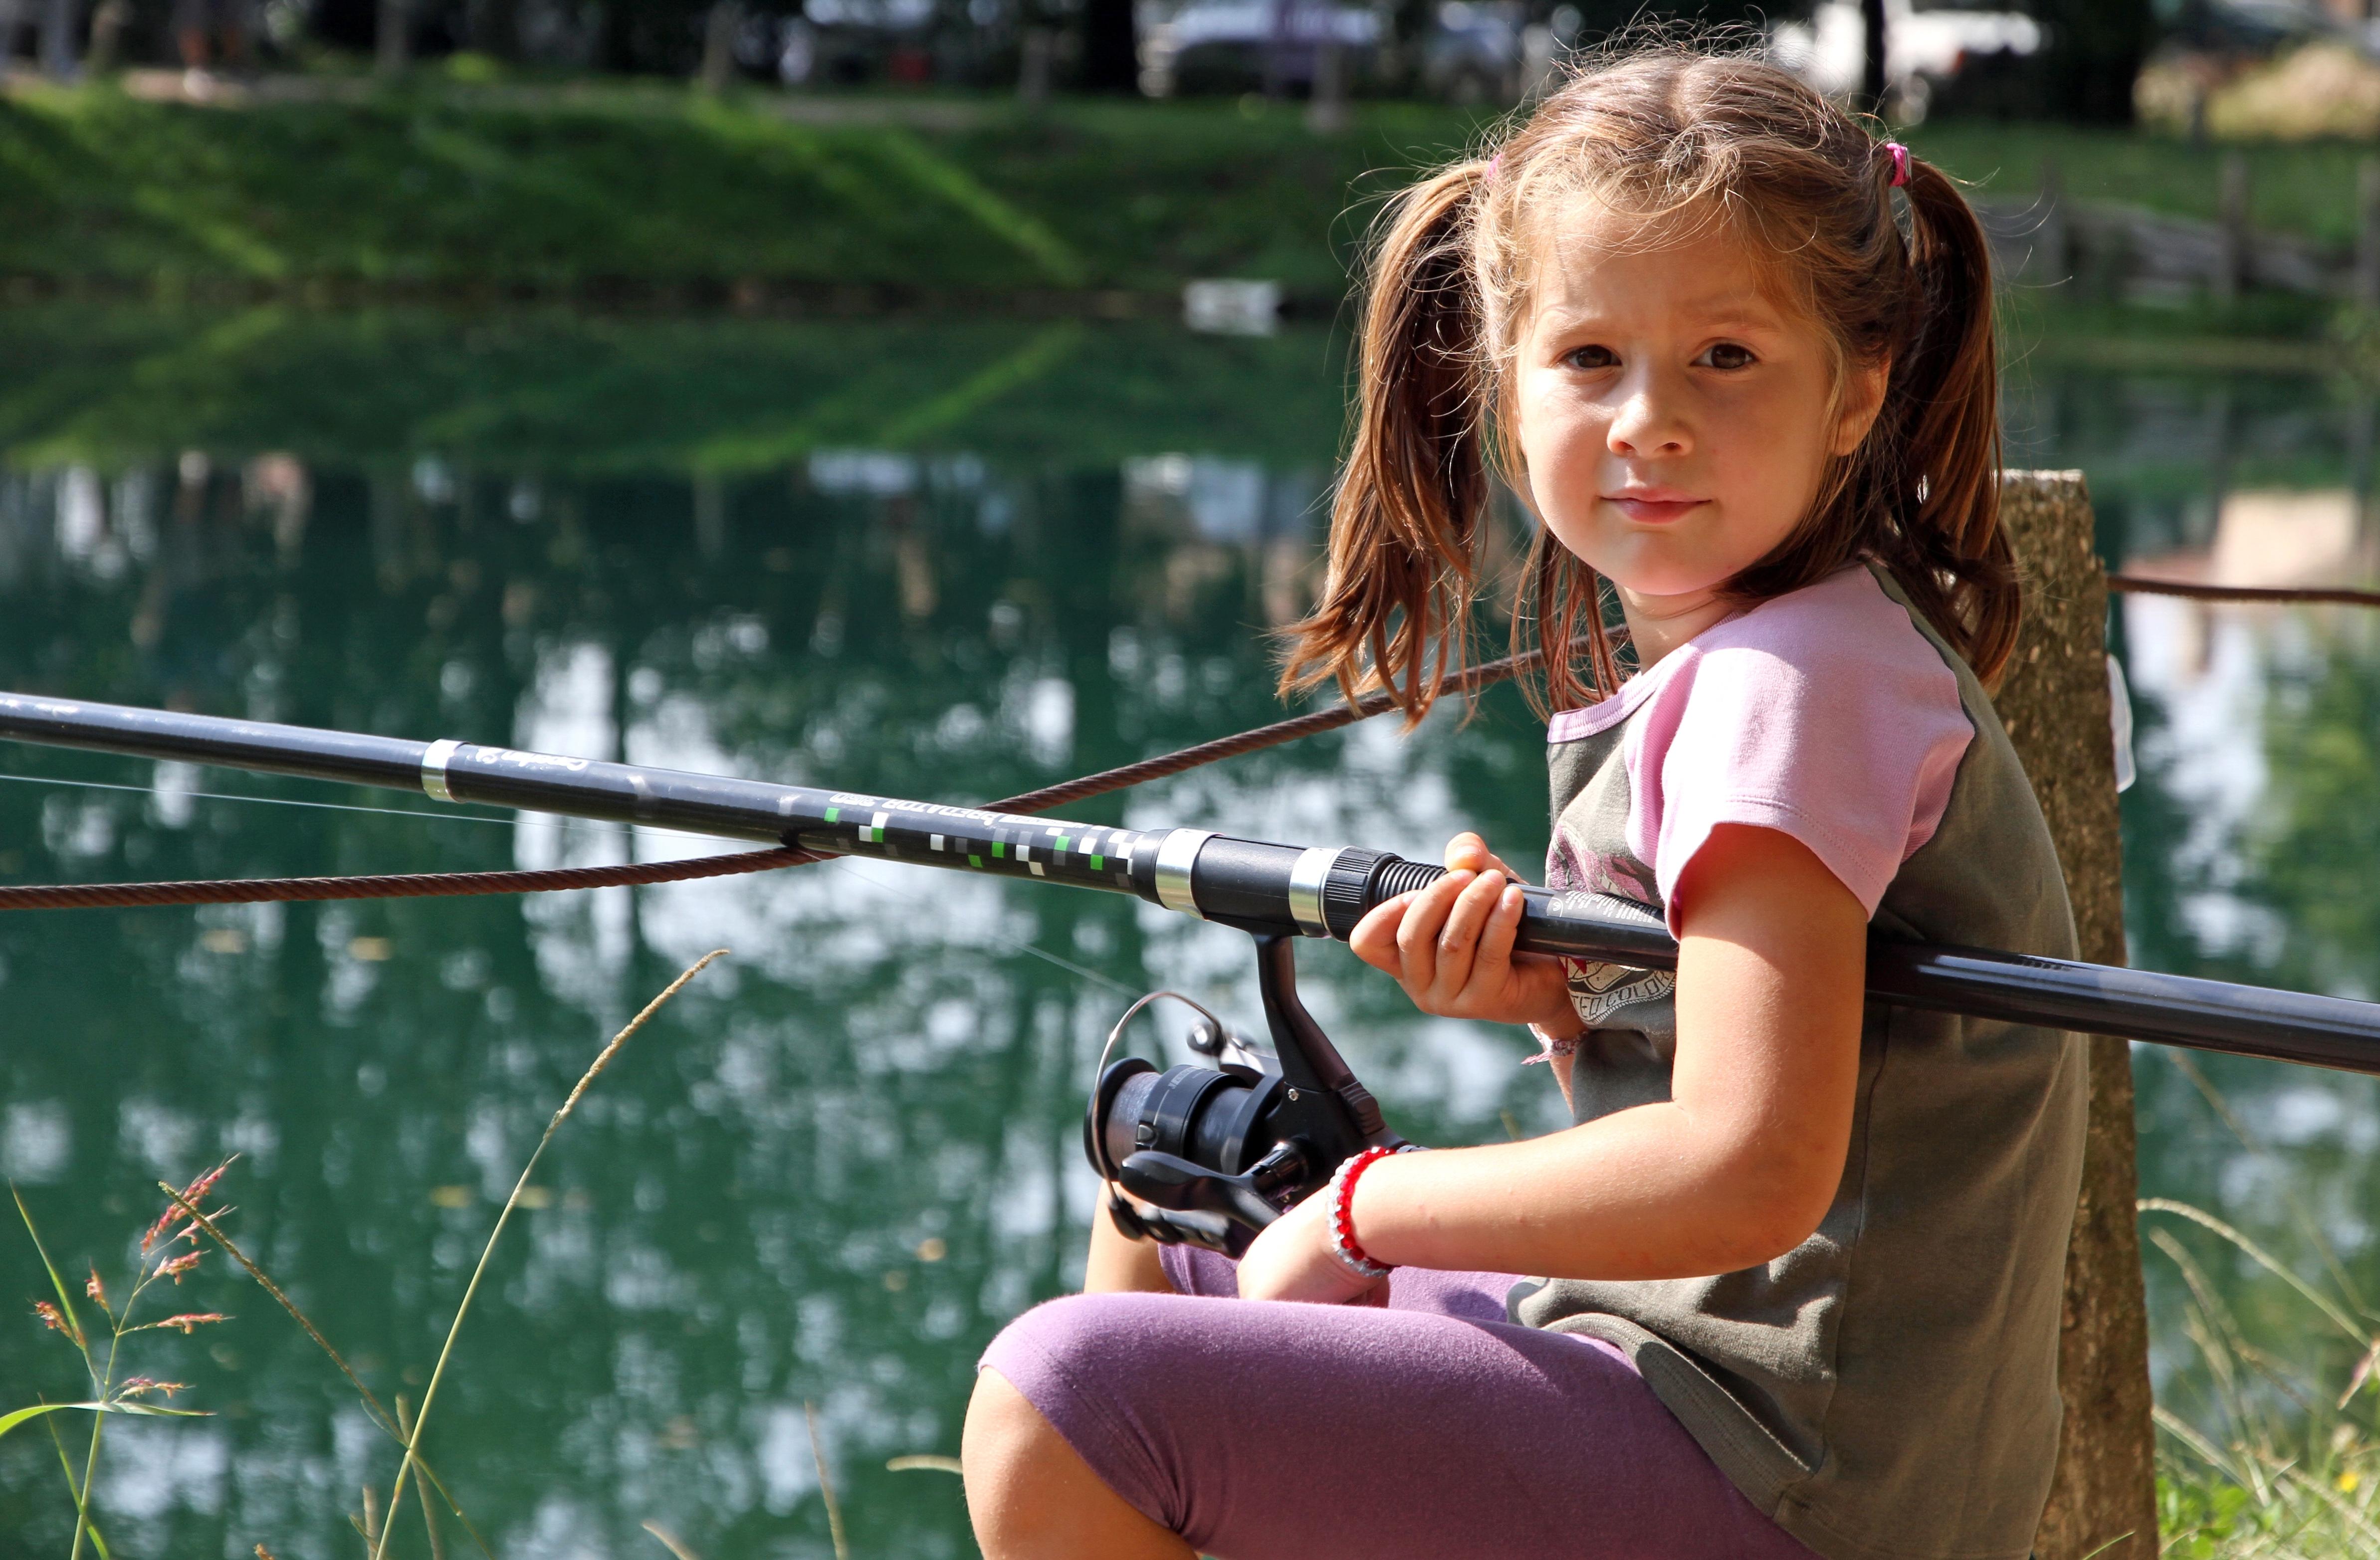 kidfishing.jpg